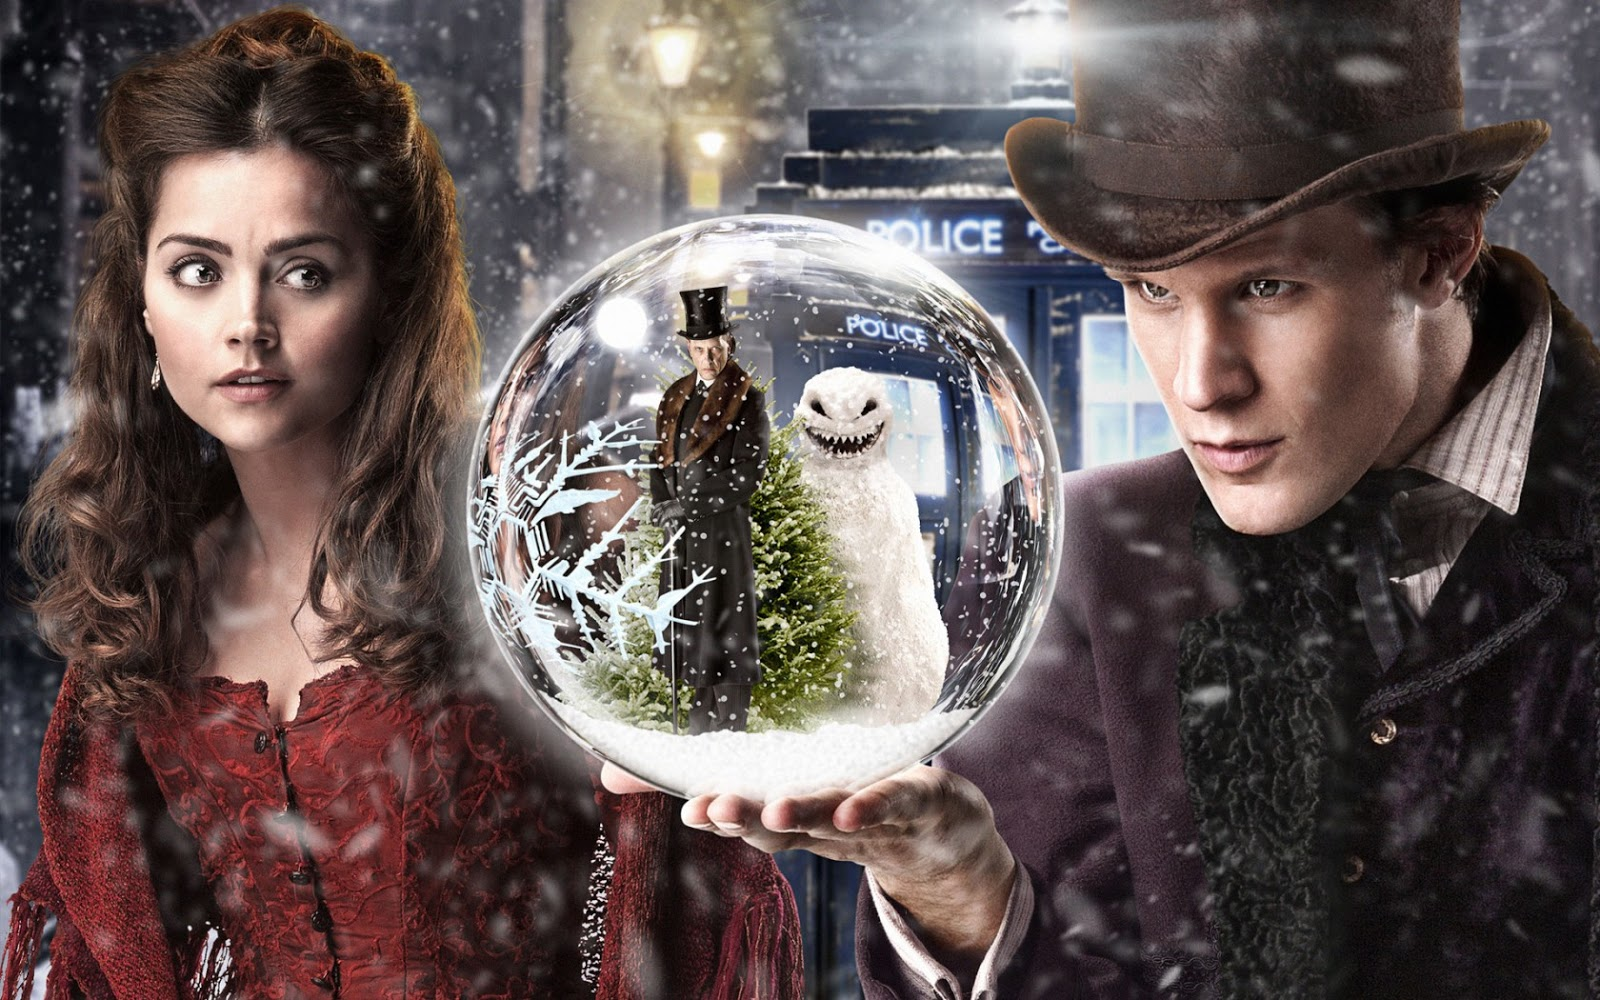 http://2.bp.blogspot.com/-oZ9uyMmp2JU/UPs9GYHmn4I/AAAAAAAA0fM/b9z7dltpJW0/s1600/Doctor-Who-Wallpapers_Fondos-de-Escritorio-de-Series-de-TV.jpg